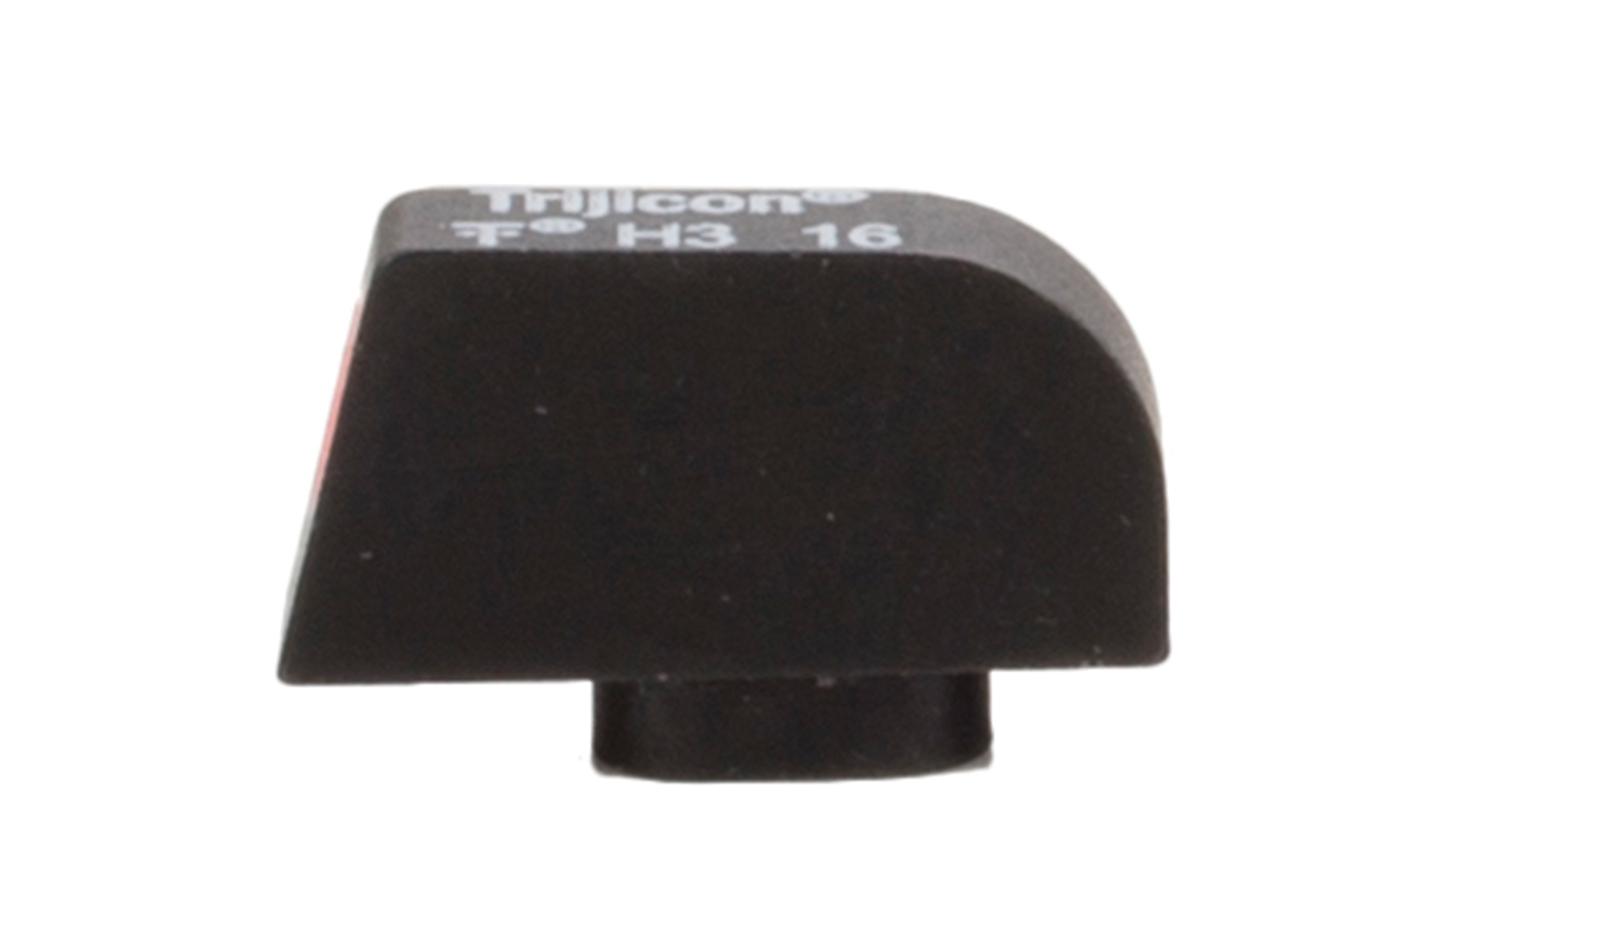 GL601-C-600838 angle 2